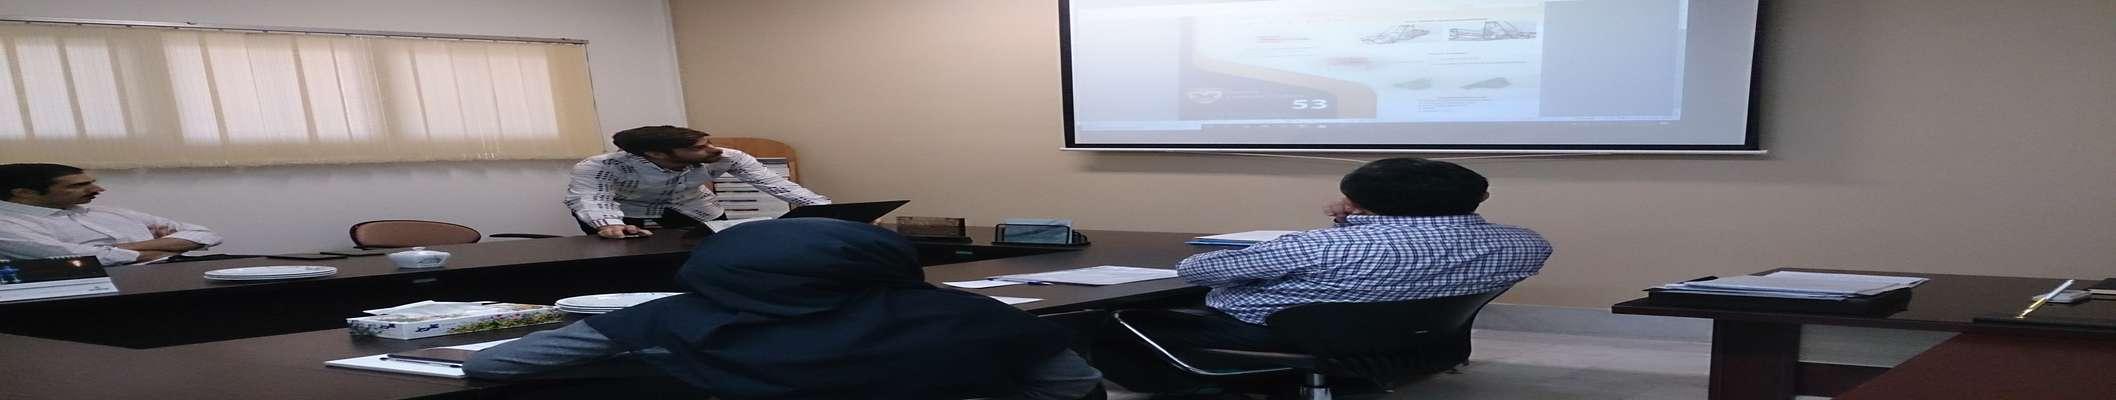 ارزیابی طرح های نوآوری در جلسه شورای نوآوری پارک علم و فناوری خراسان